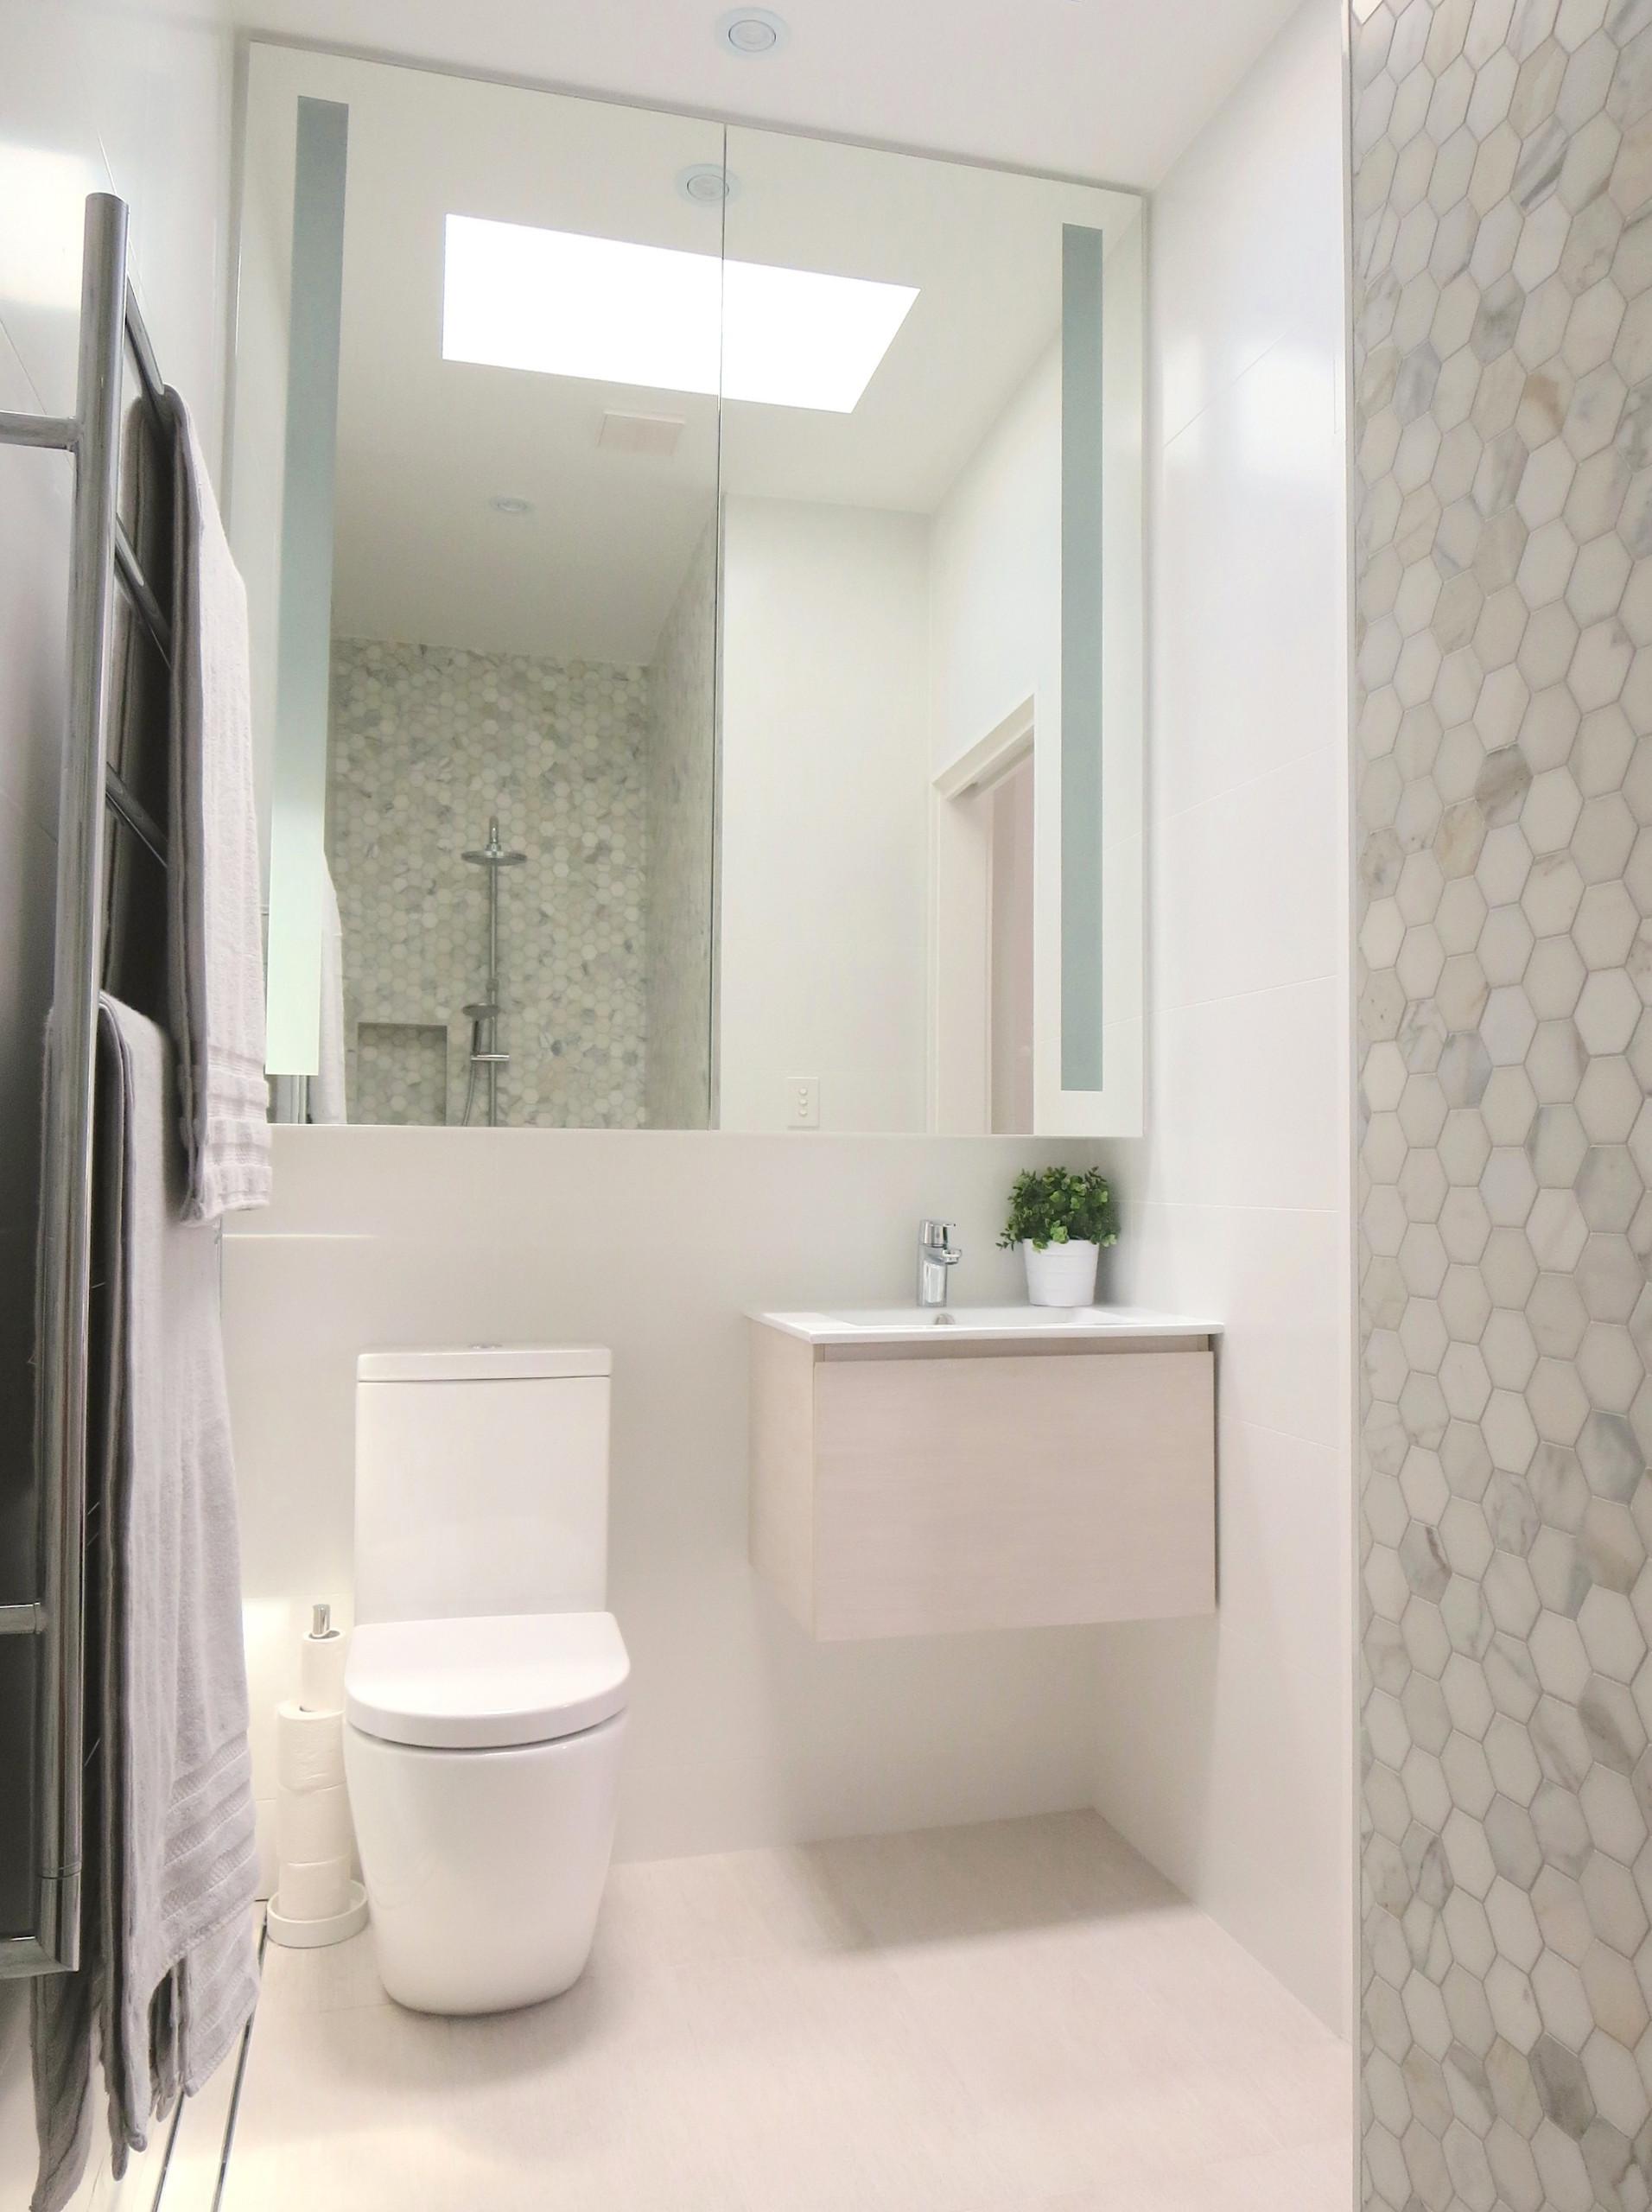 Master Ensuite Bathroom - North Shore, Sydney